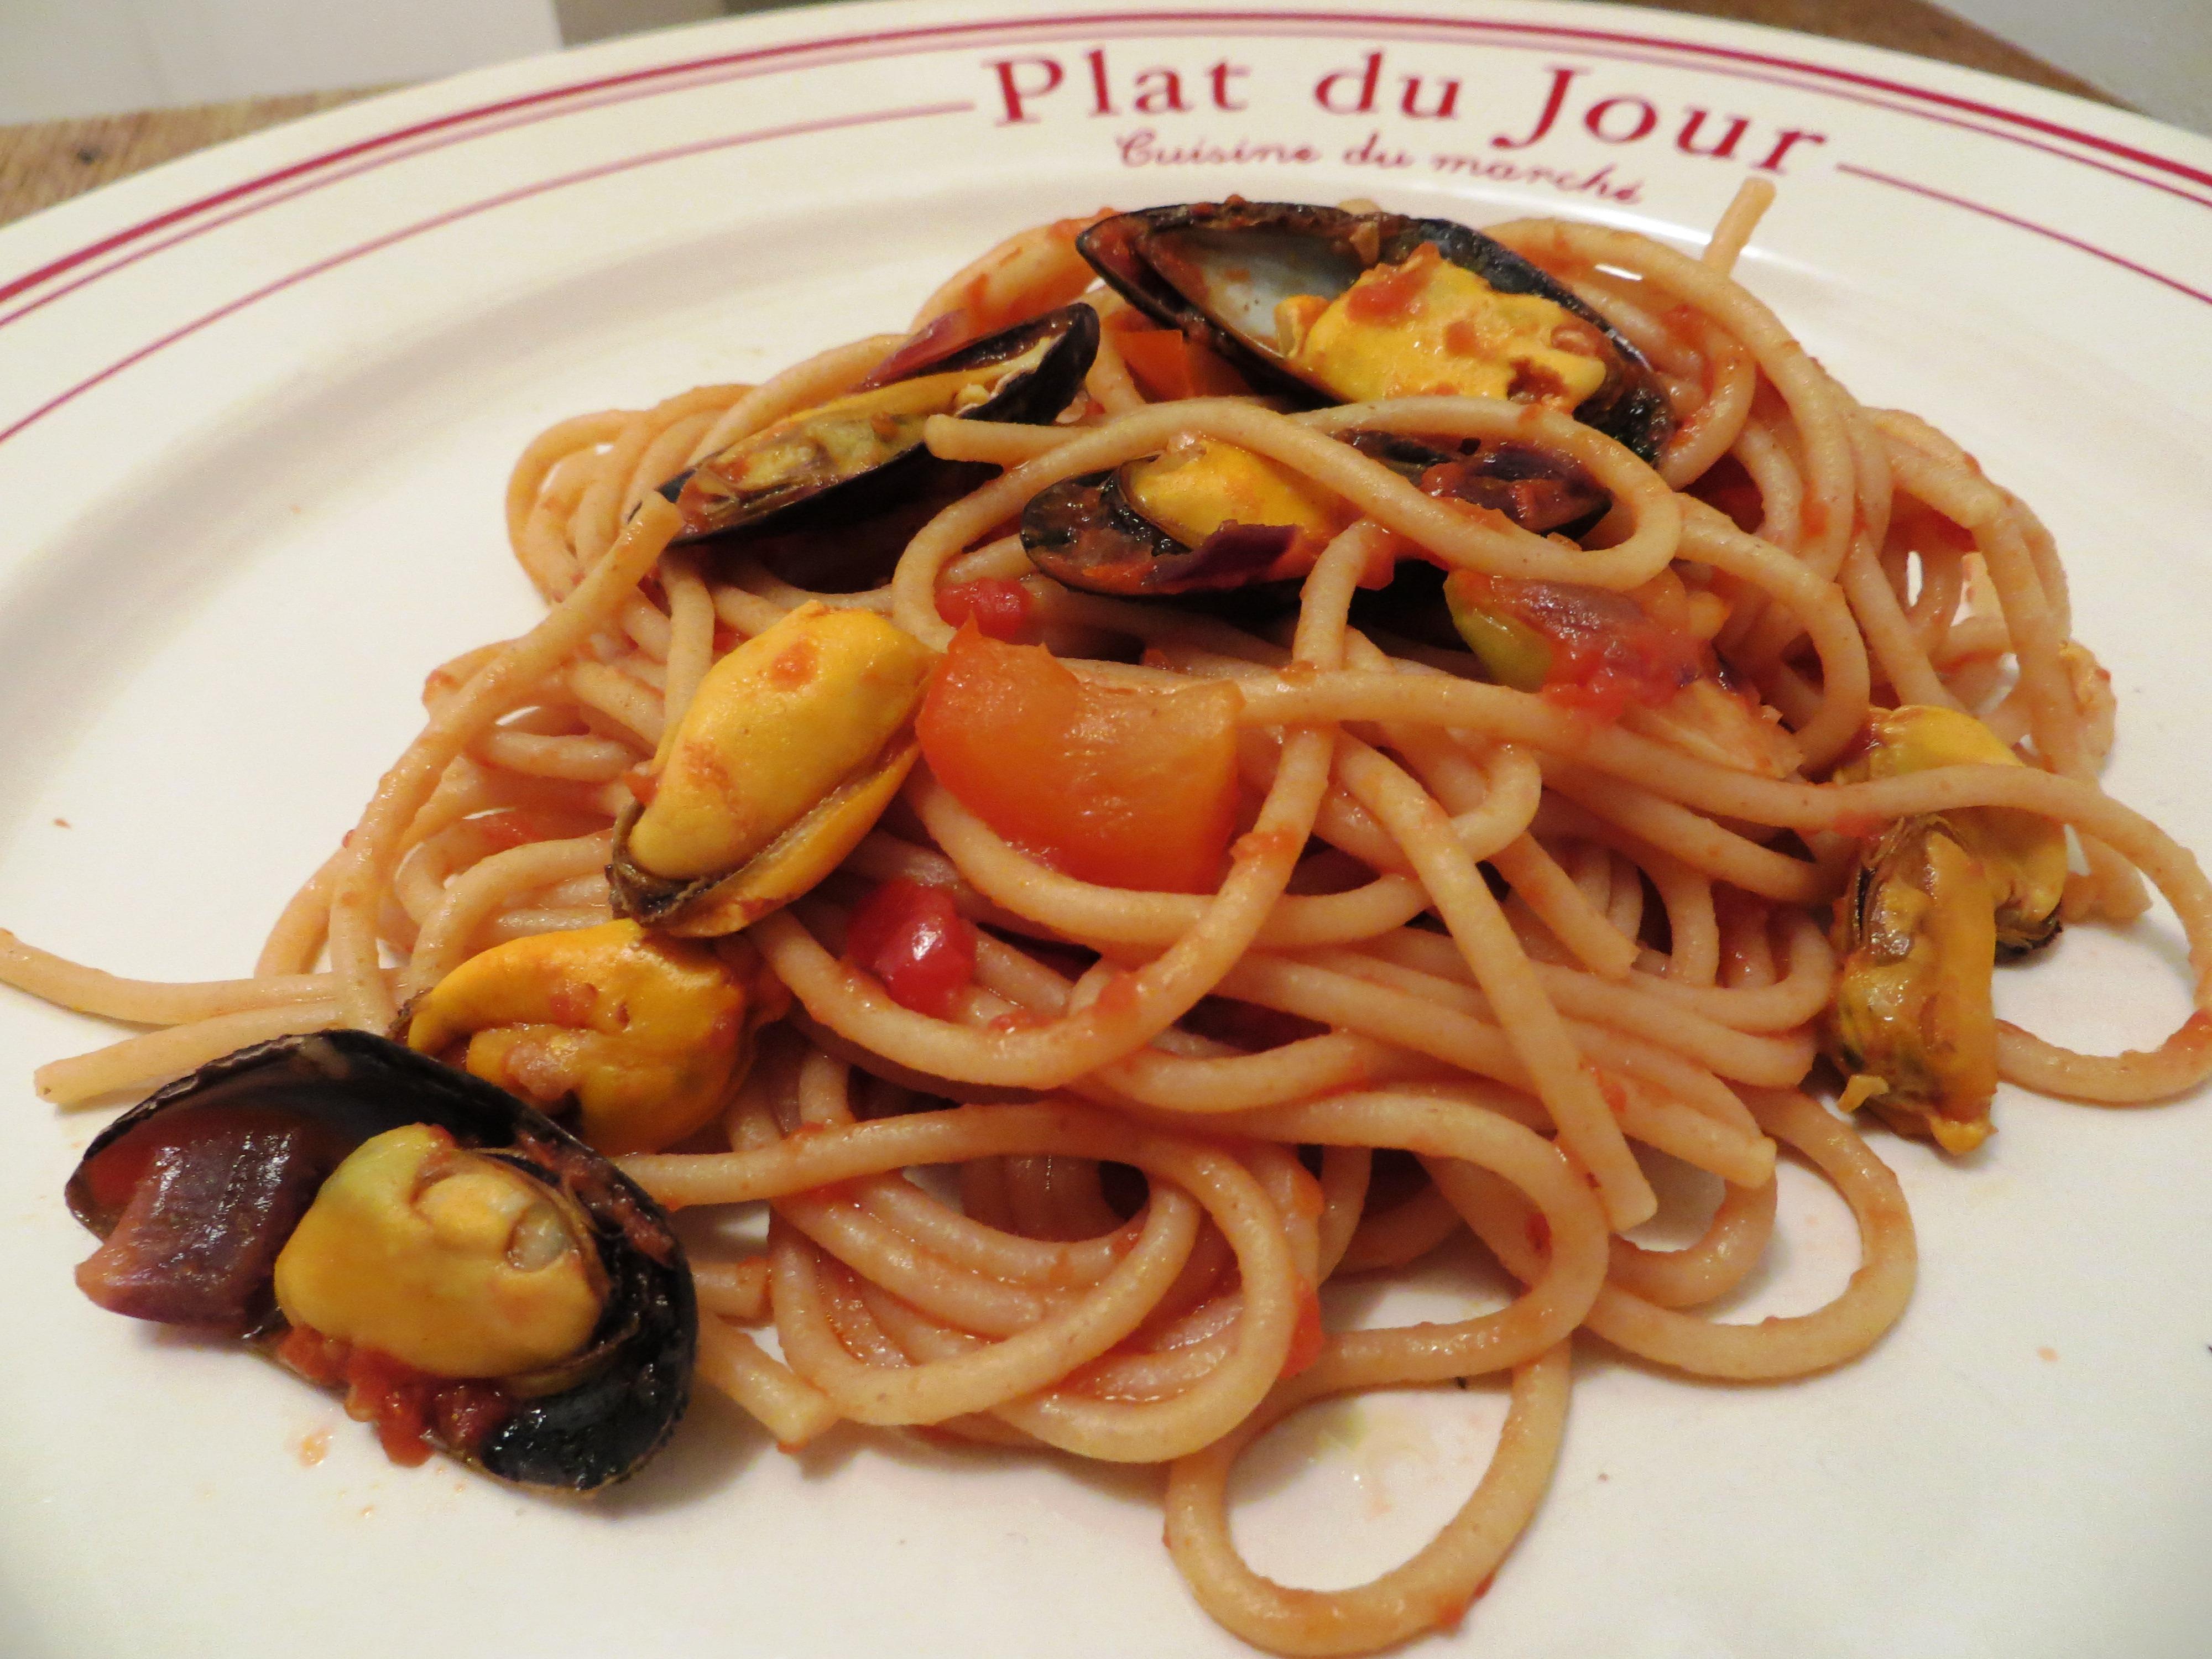 spaghettis aux moules sauce tomate recette